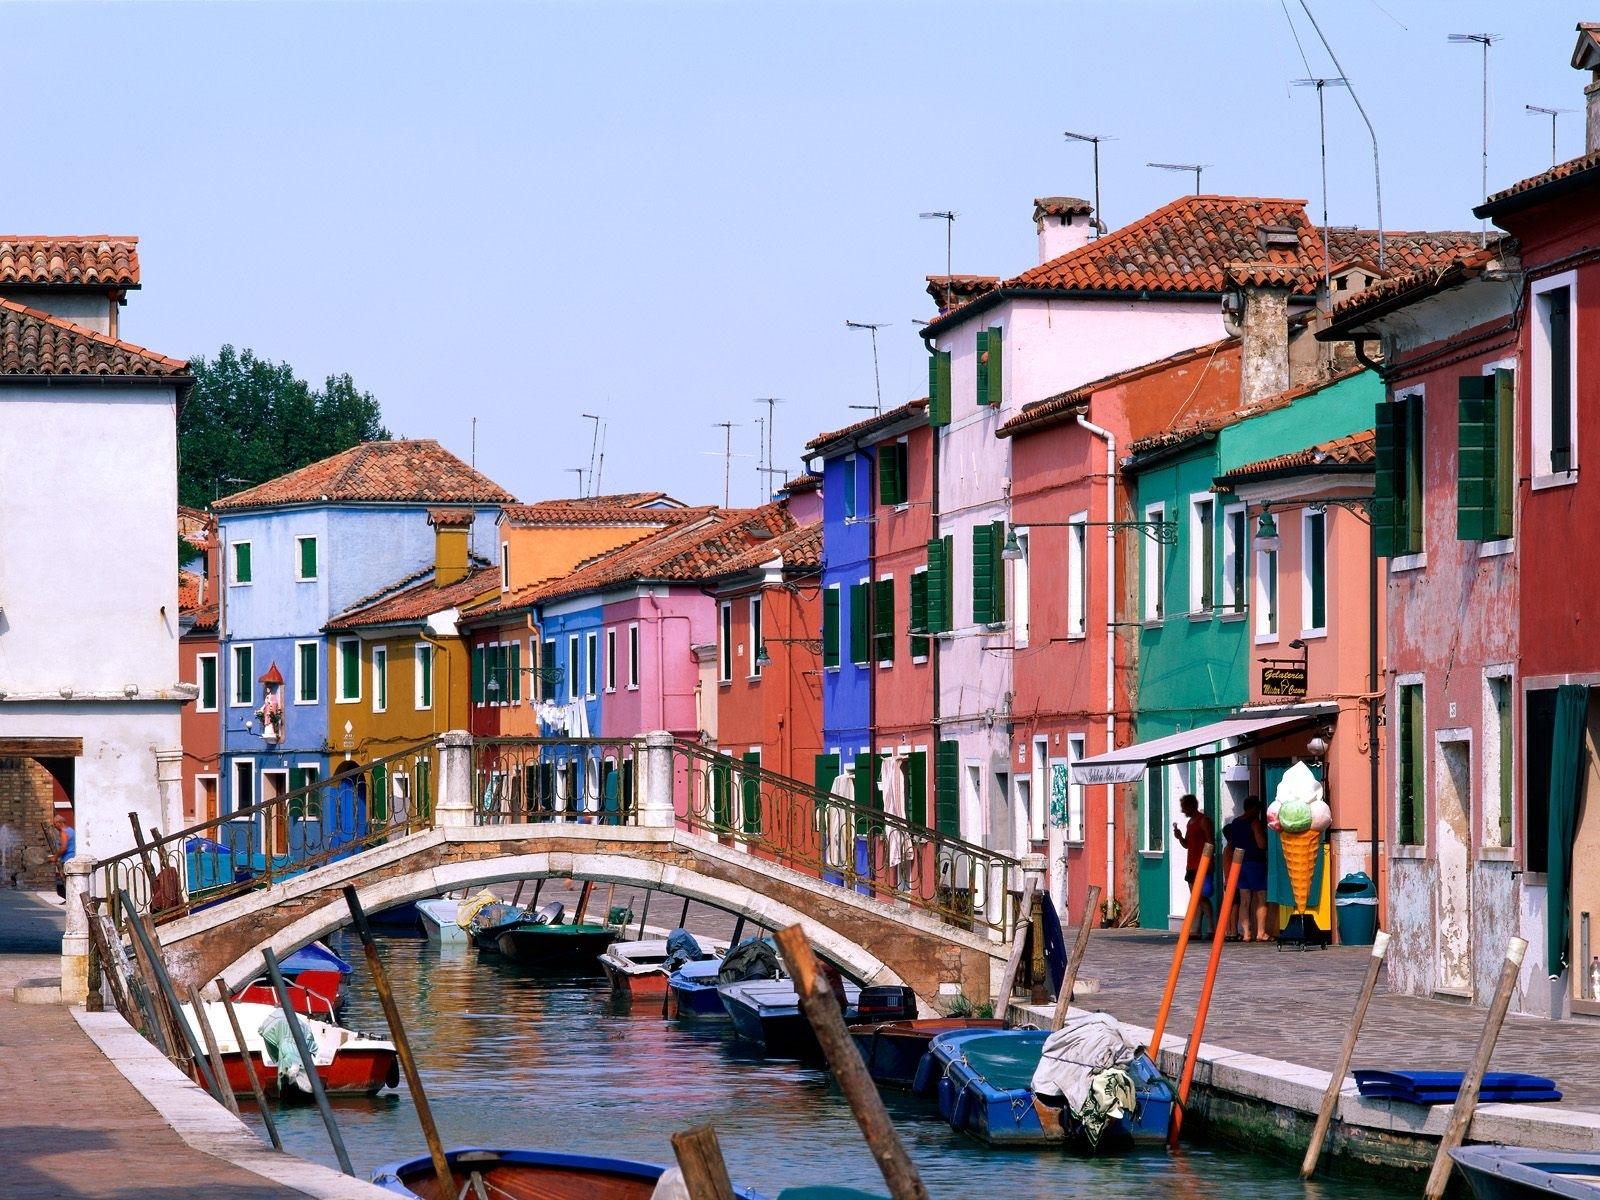 1484 скачать обои Города, Дома, Река, Улицы, Архитектура - заставки и картинки бесплатно